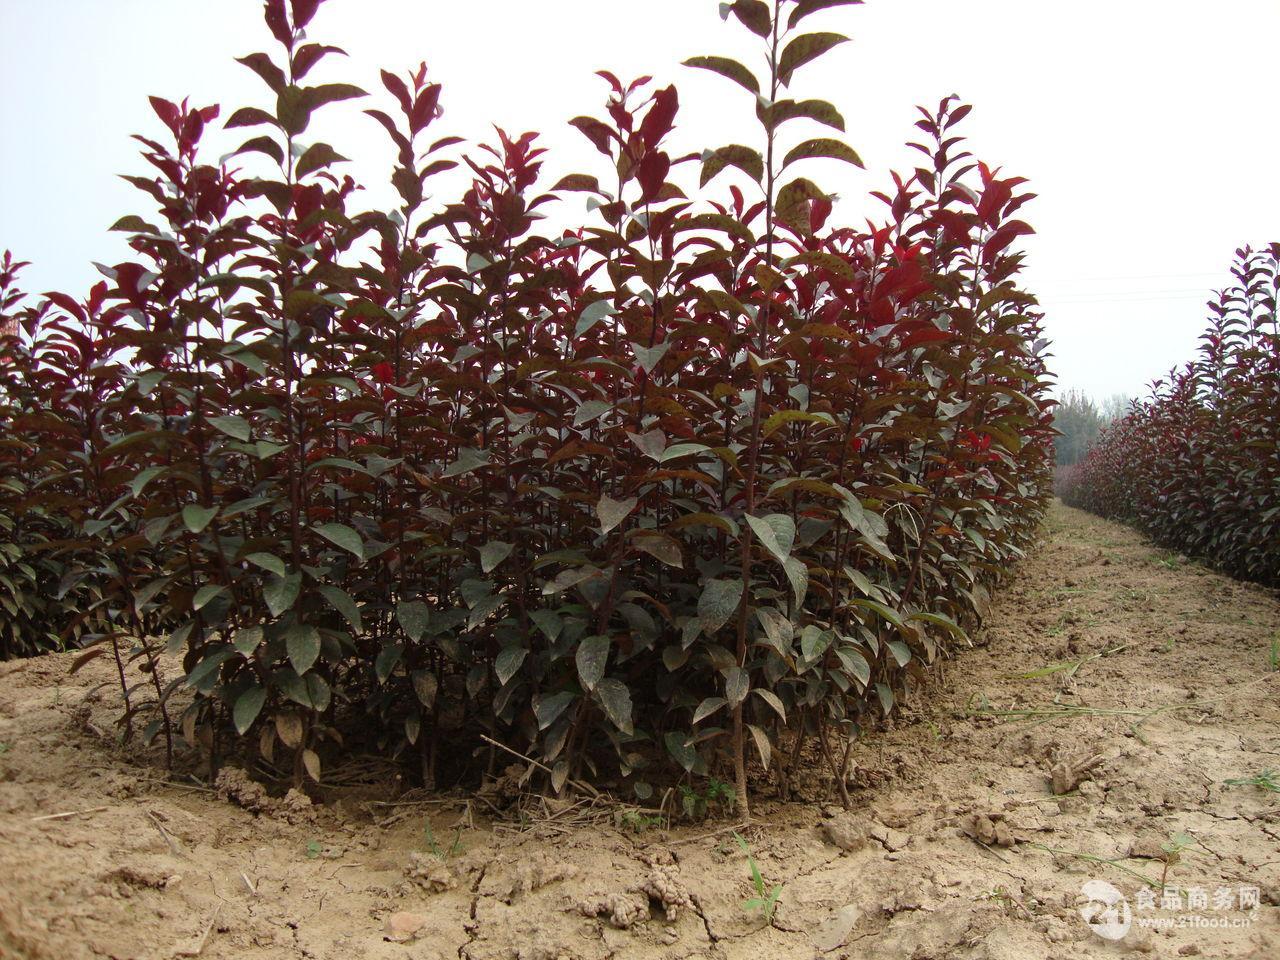 10-30公分皂角树 3-15公分山杏树      3-15公分桃树 2-10公分杨树 2